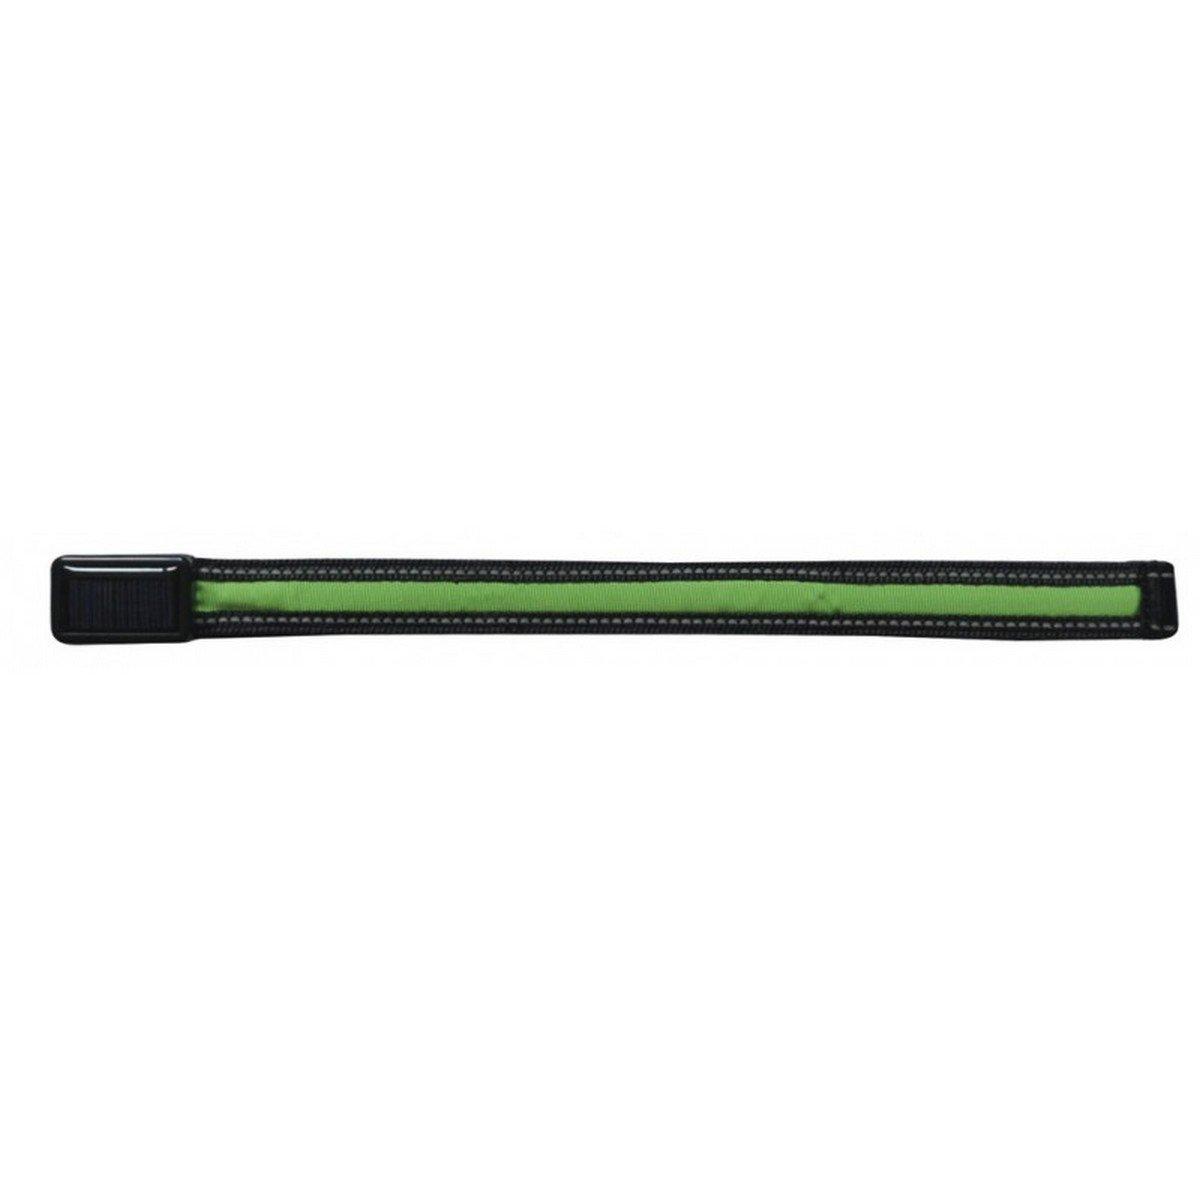 Afbeelding van Equizor Frontriem met LED verlichting Groen Full